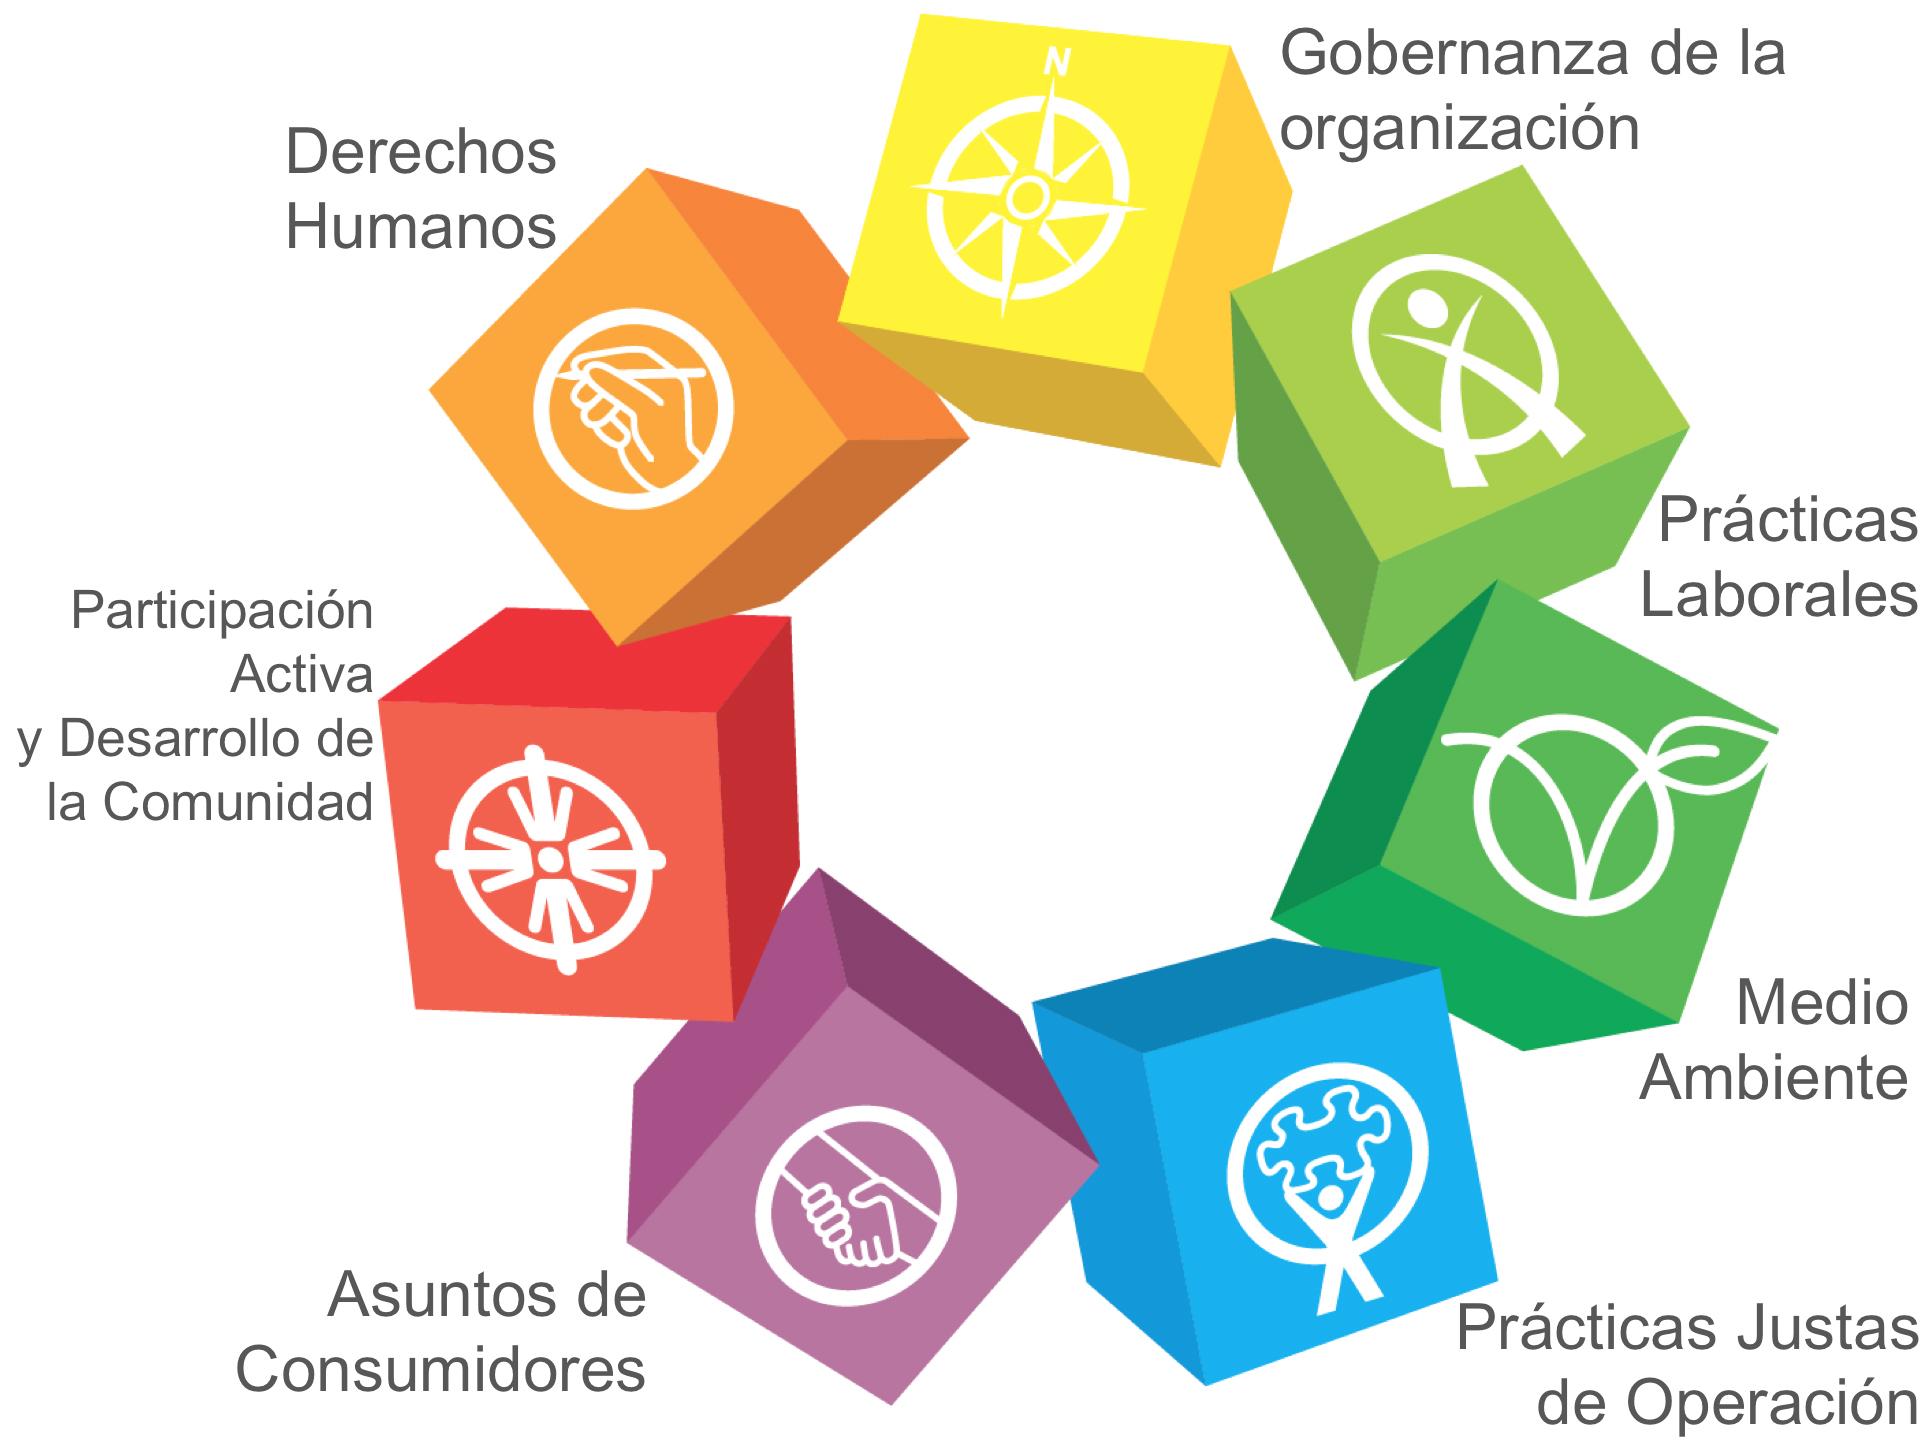 Responsabilidad Social Empresarial, un viaje que se inicia con un primer paso